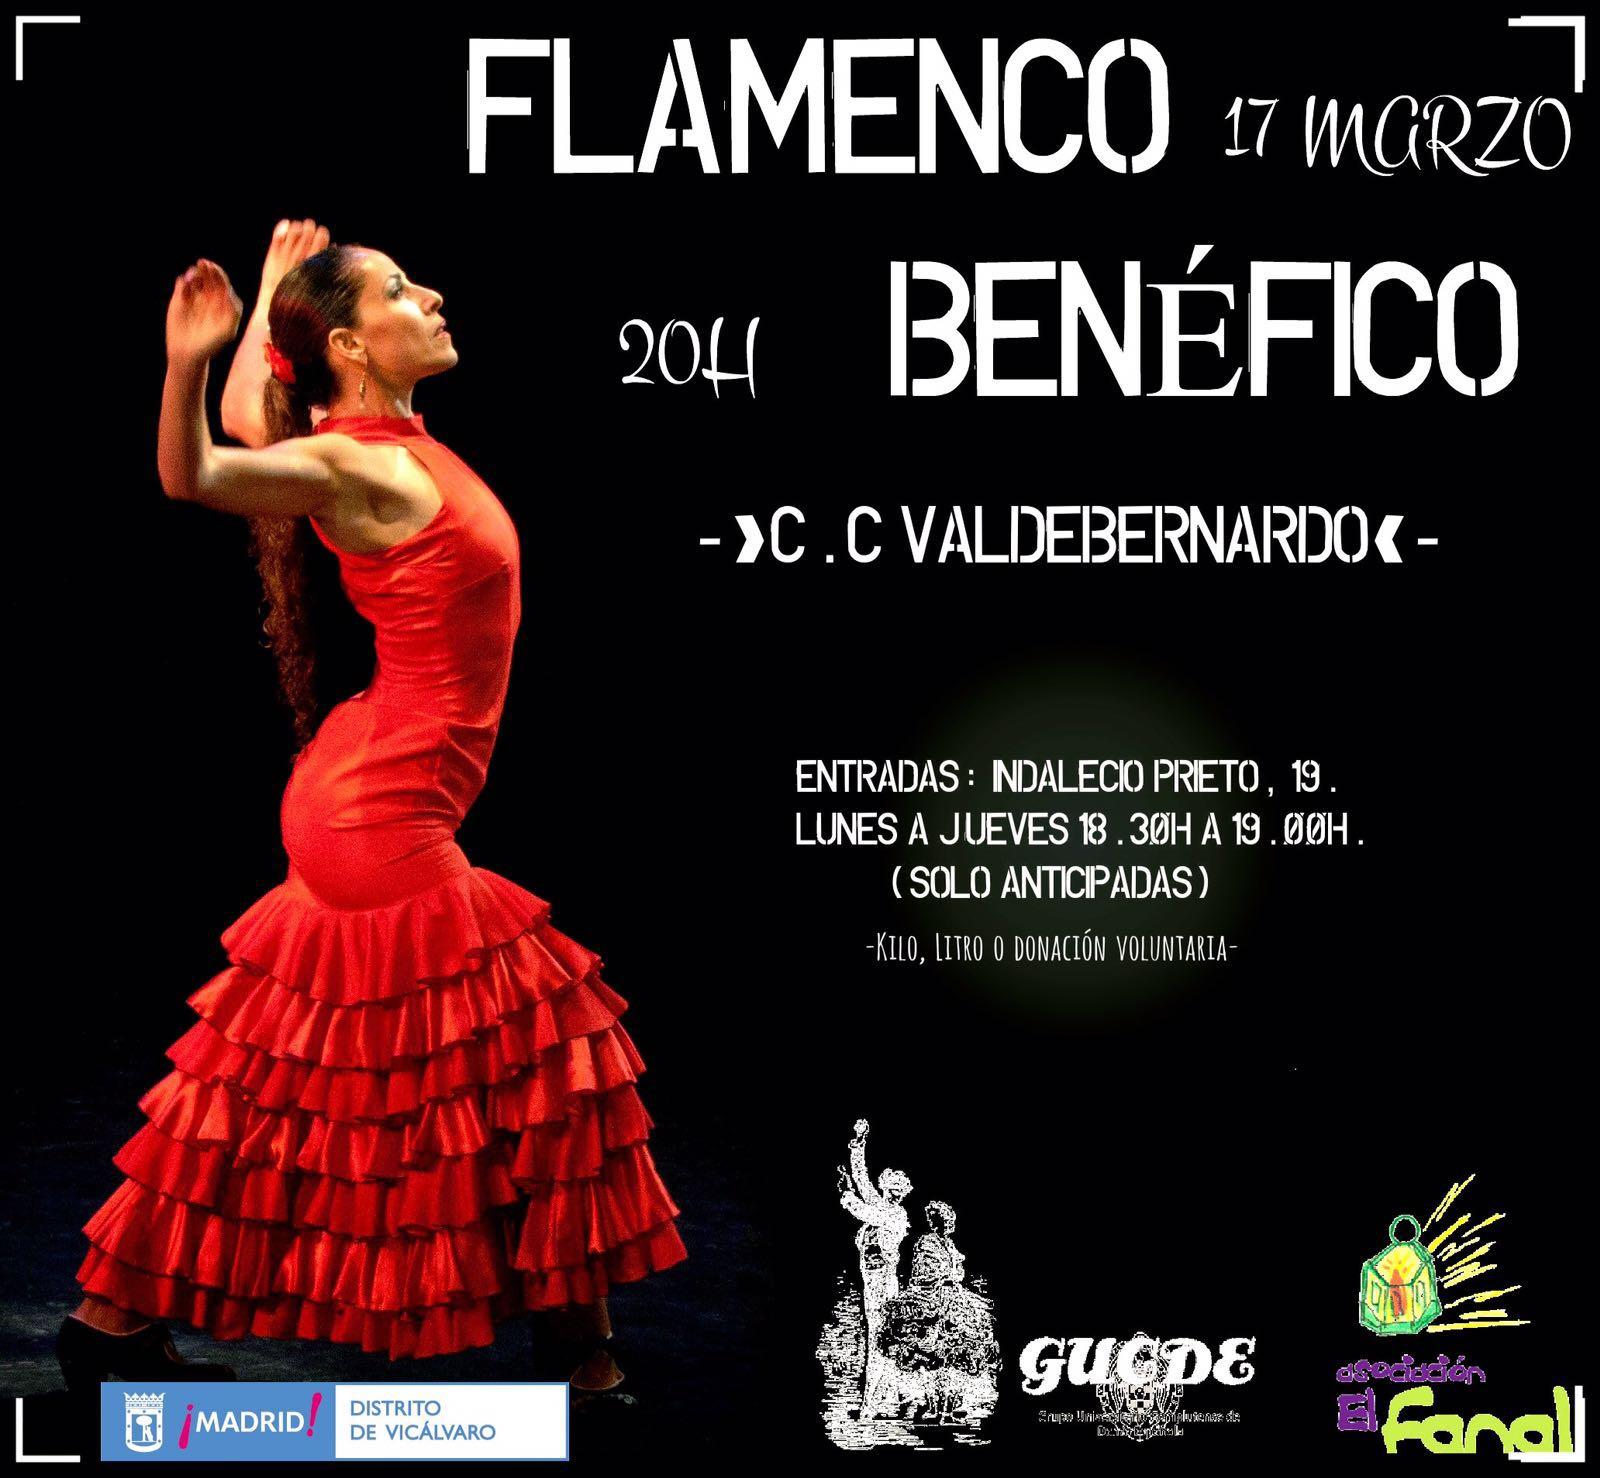 Espectáculo Flamenco Benéfico, Valdebernardo – Asociación El Fanal